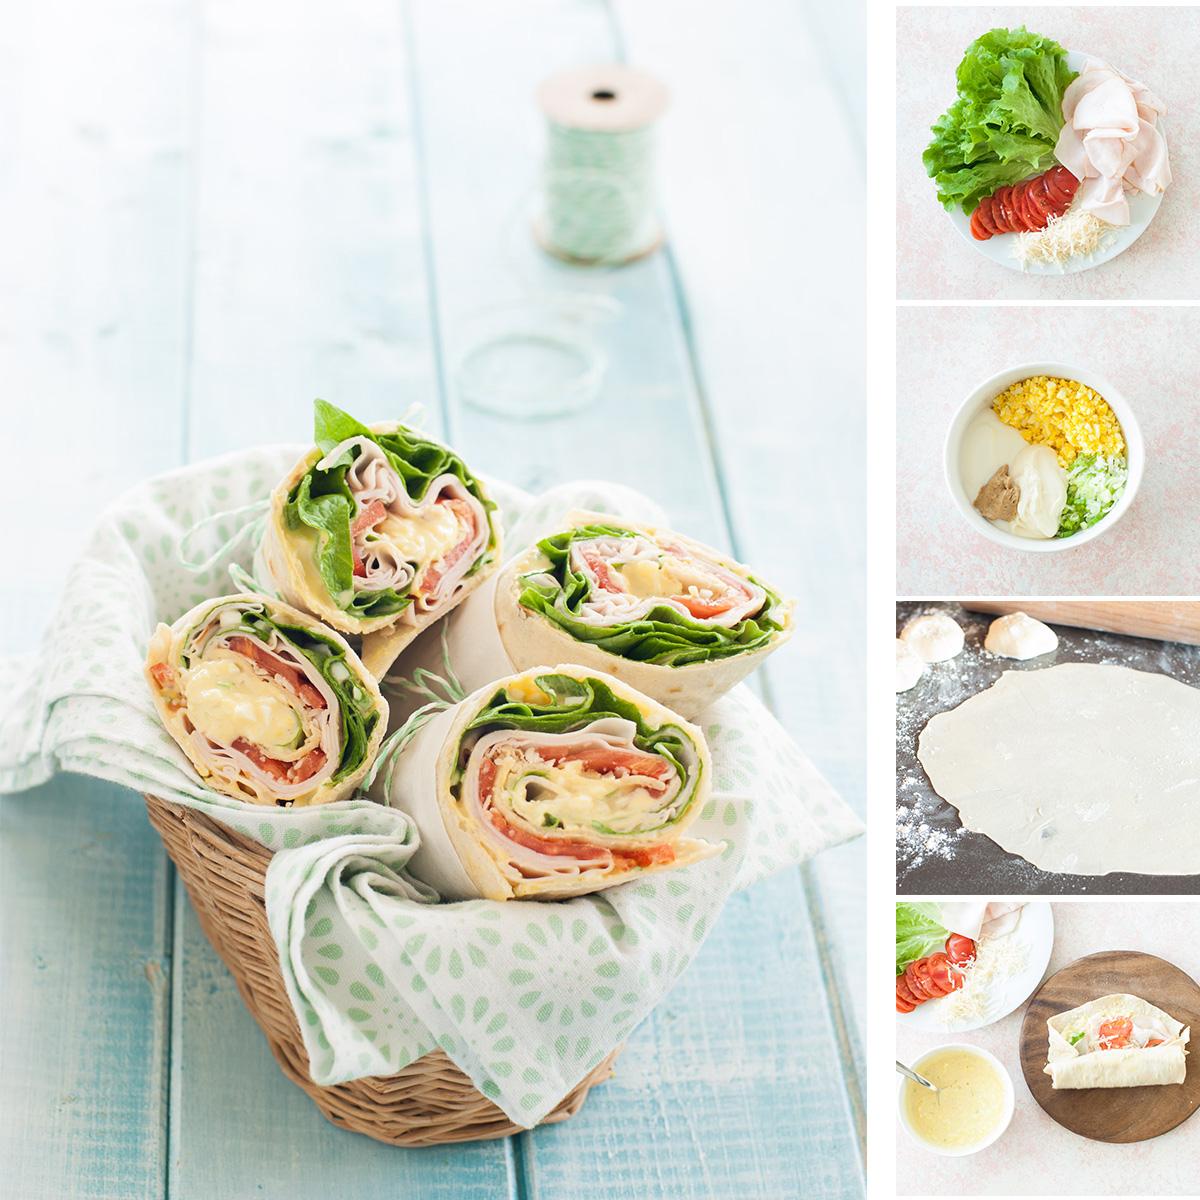 Wrap di farro farciti - ricetta picnic o spuntino sfizioso